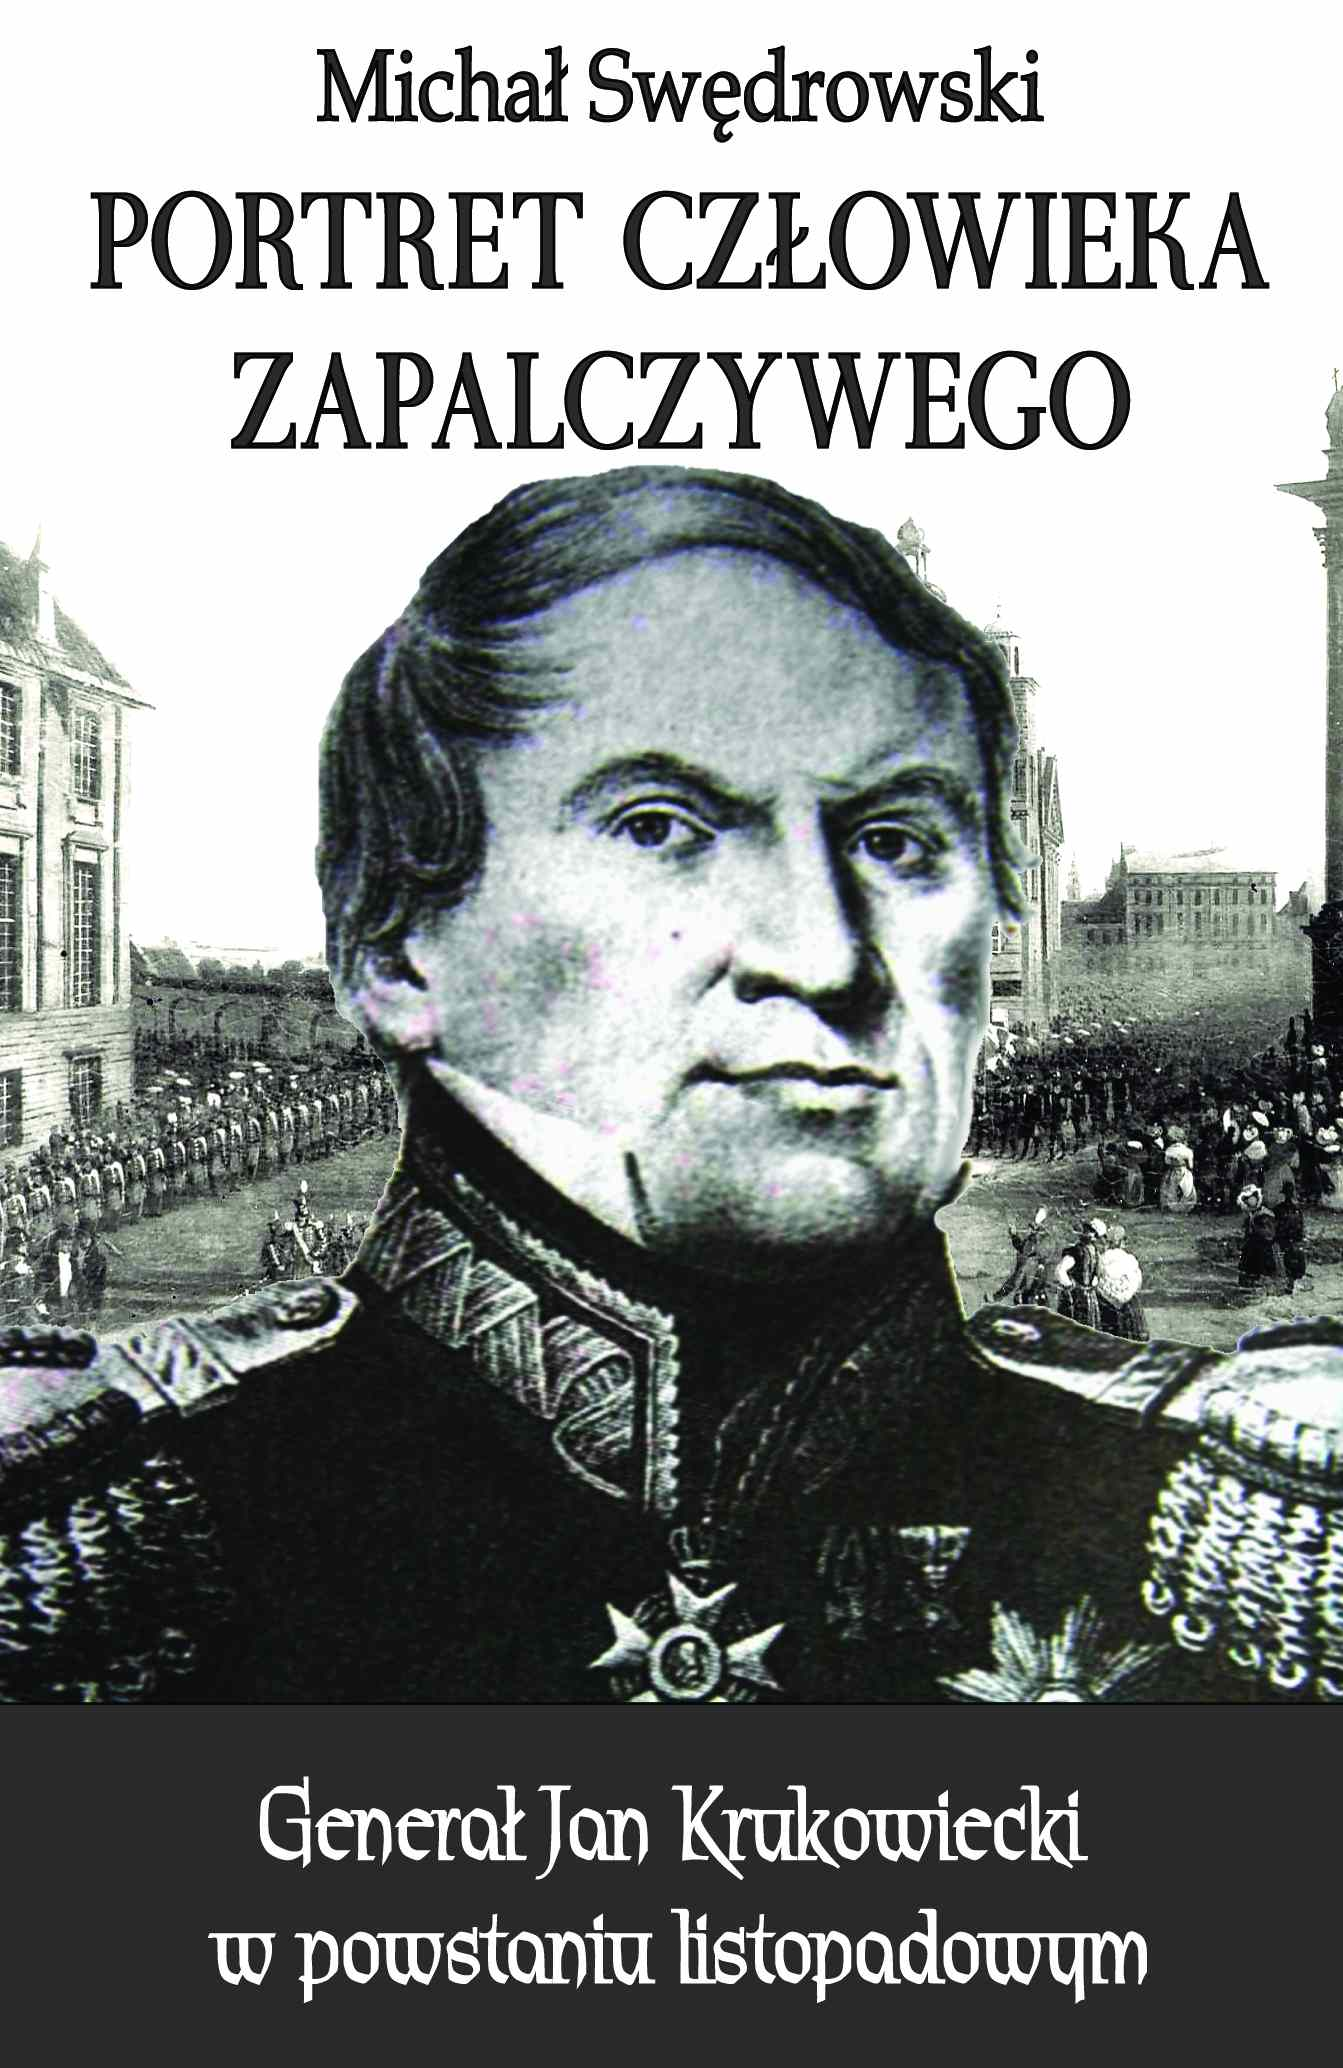 Portret człowieka zapalczywego. Generał Jan Krukowiecki w powstaniu listopadowym - Ebook (Książka EPUB) do pobrania w formacie EPUB